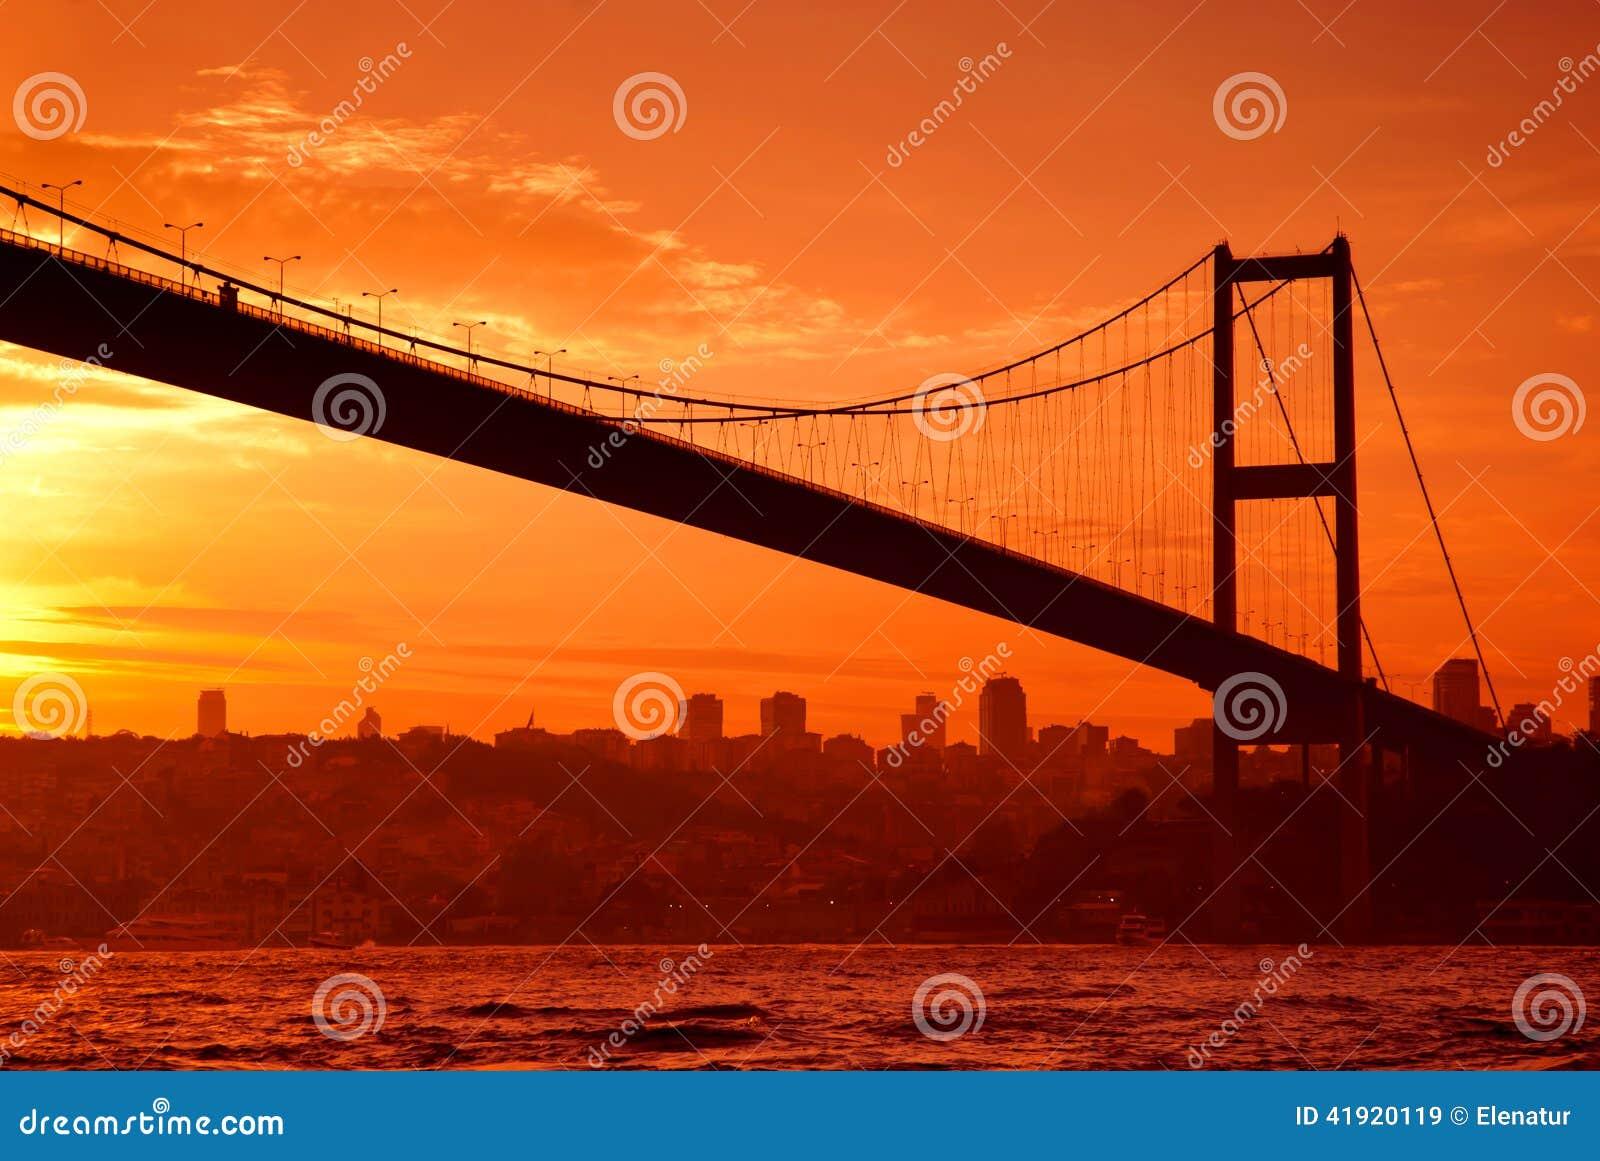 Puente de Bosphorus en Estambul en la puesta del sol